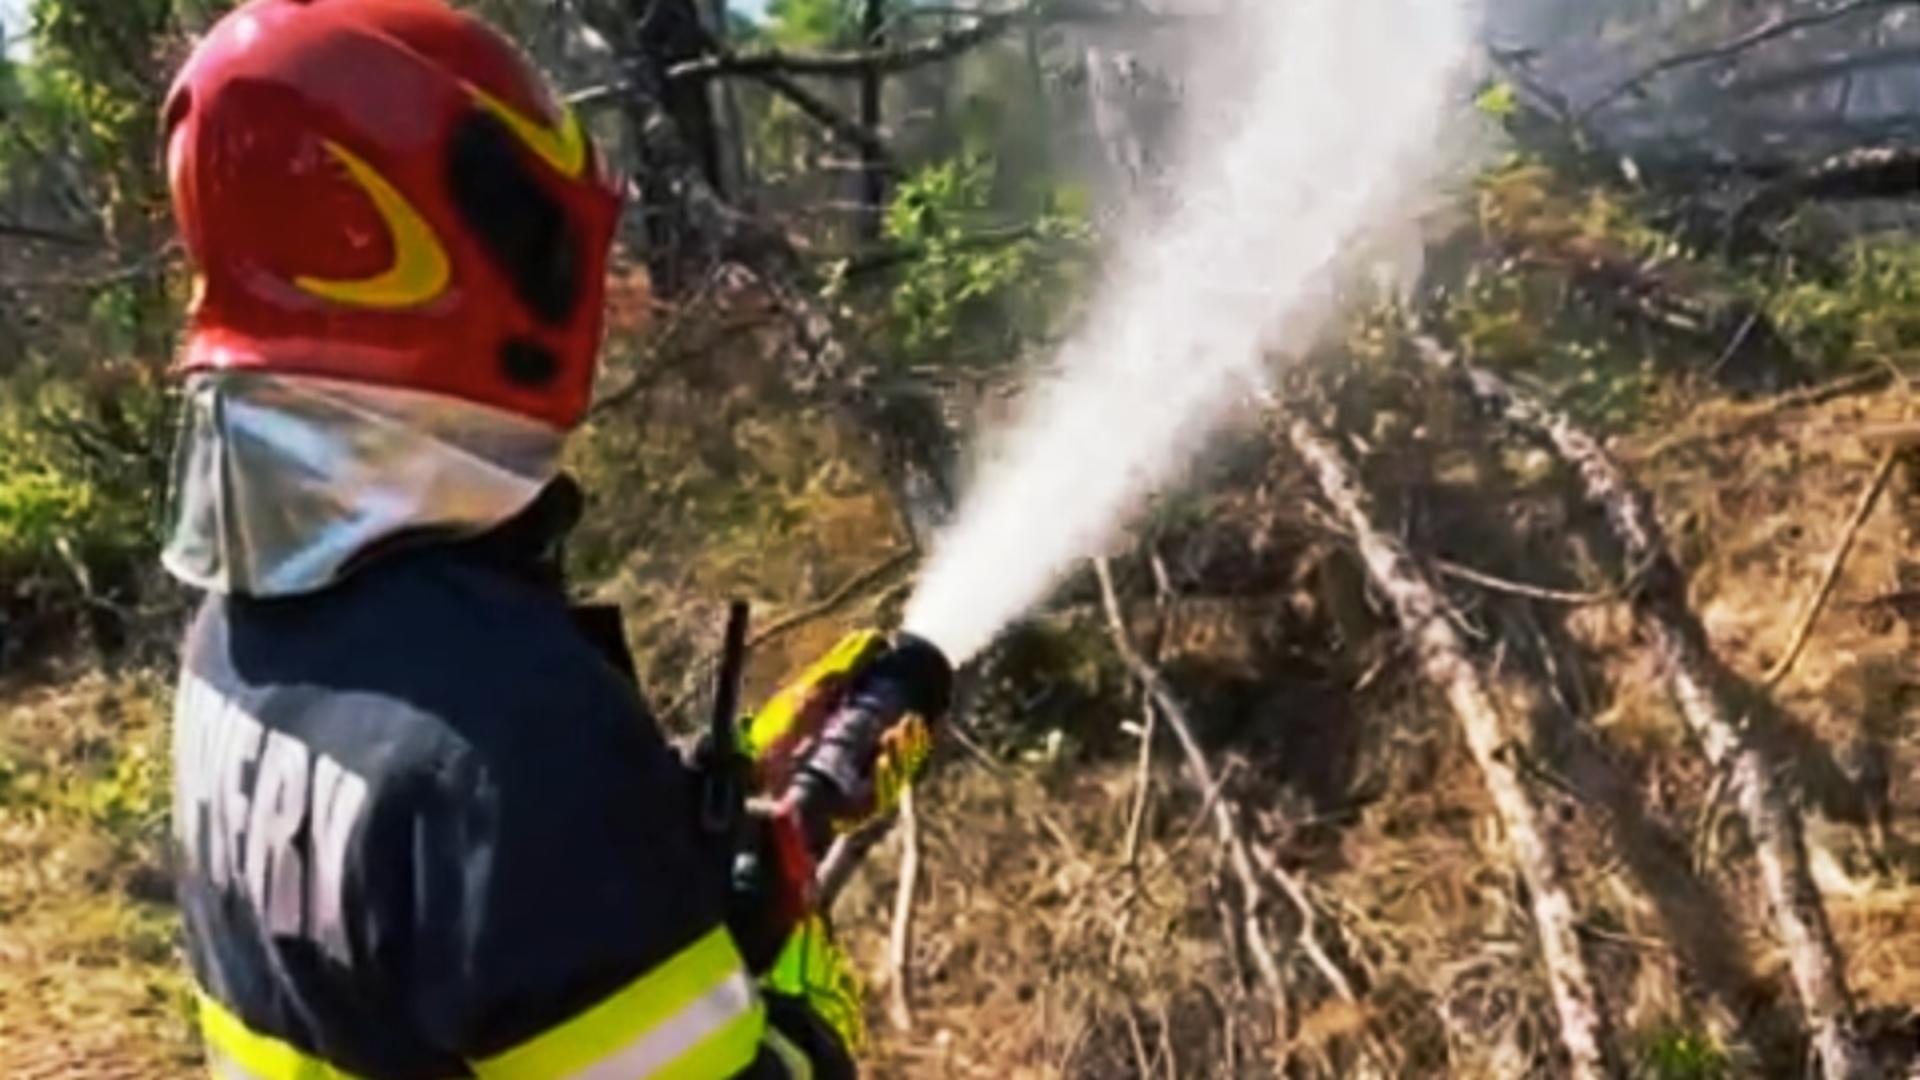 Incendiu vegetație Grecia - imagine de arhivă